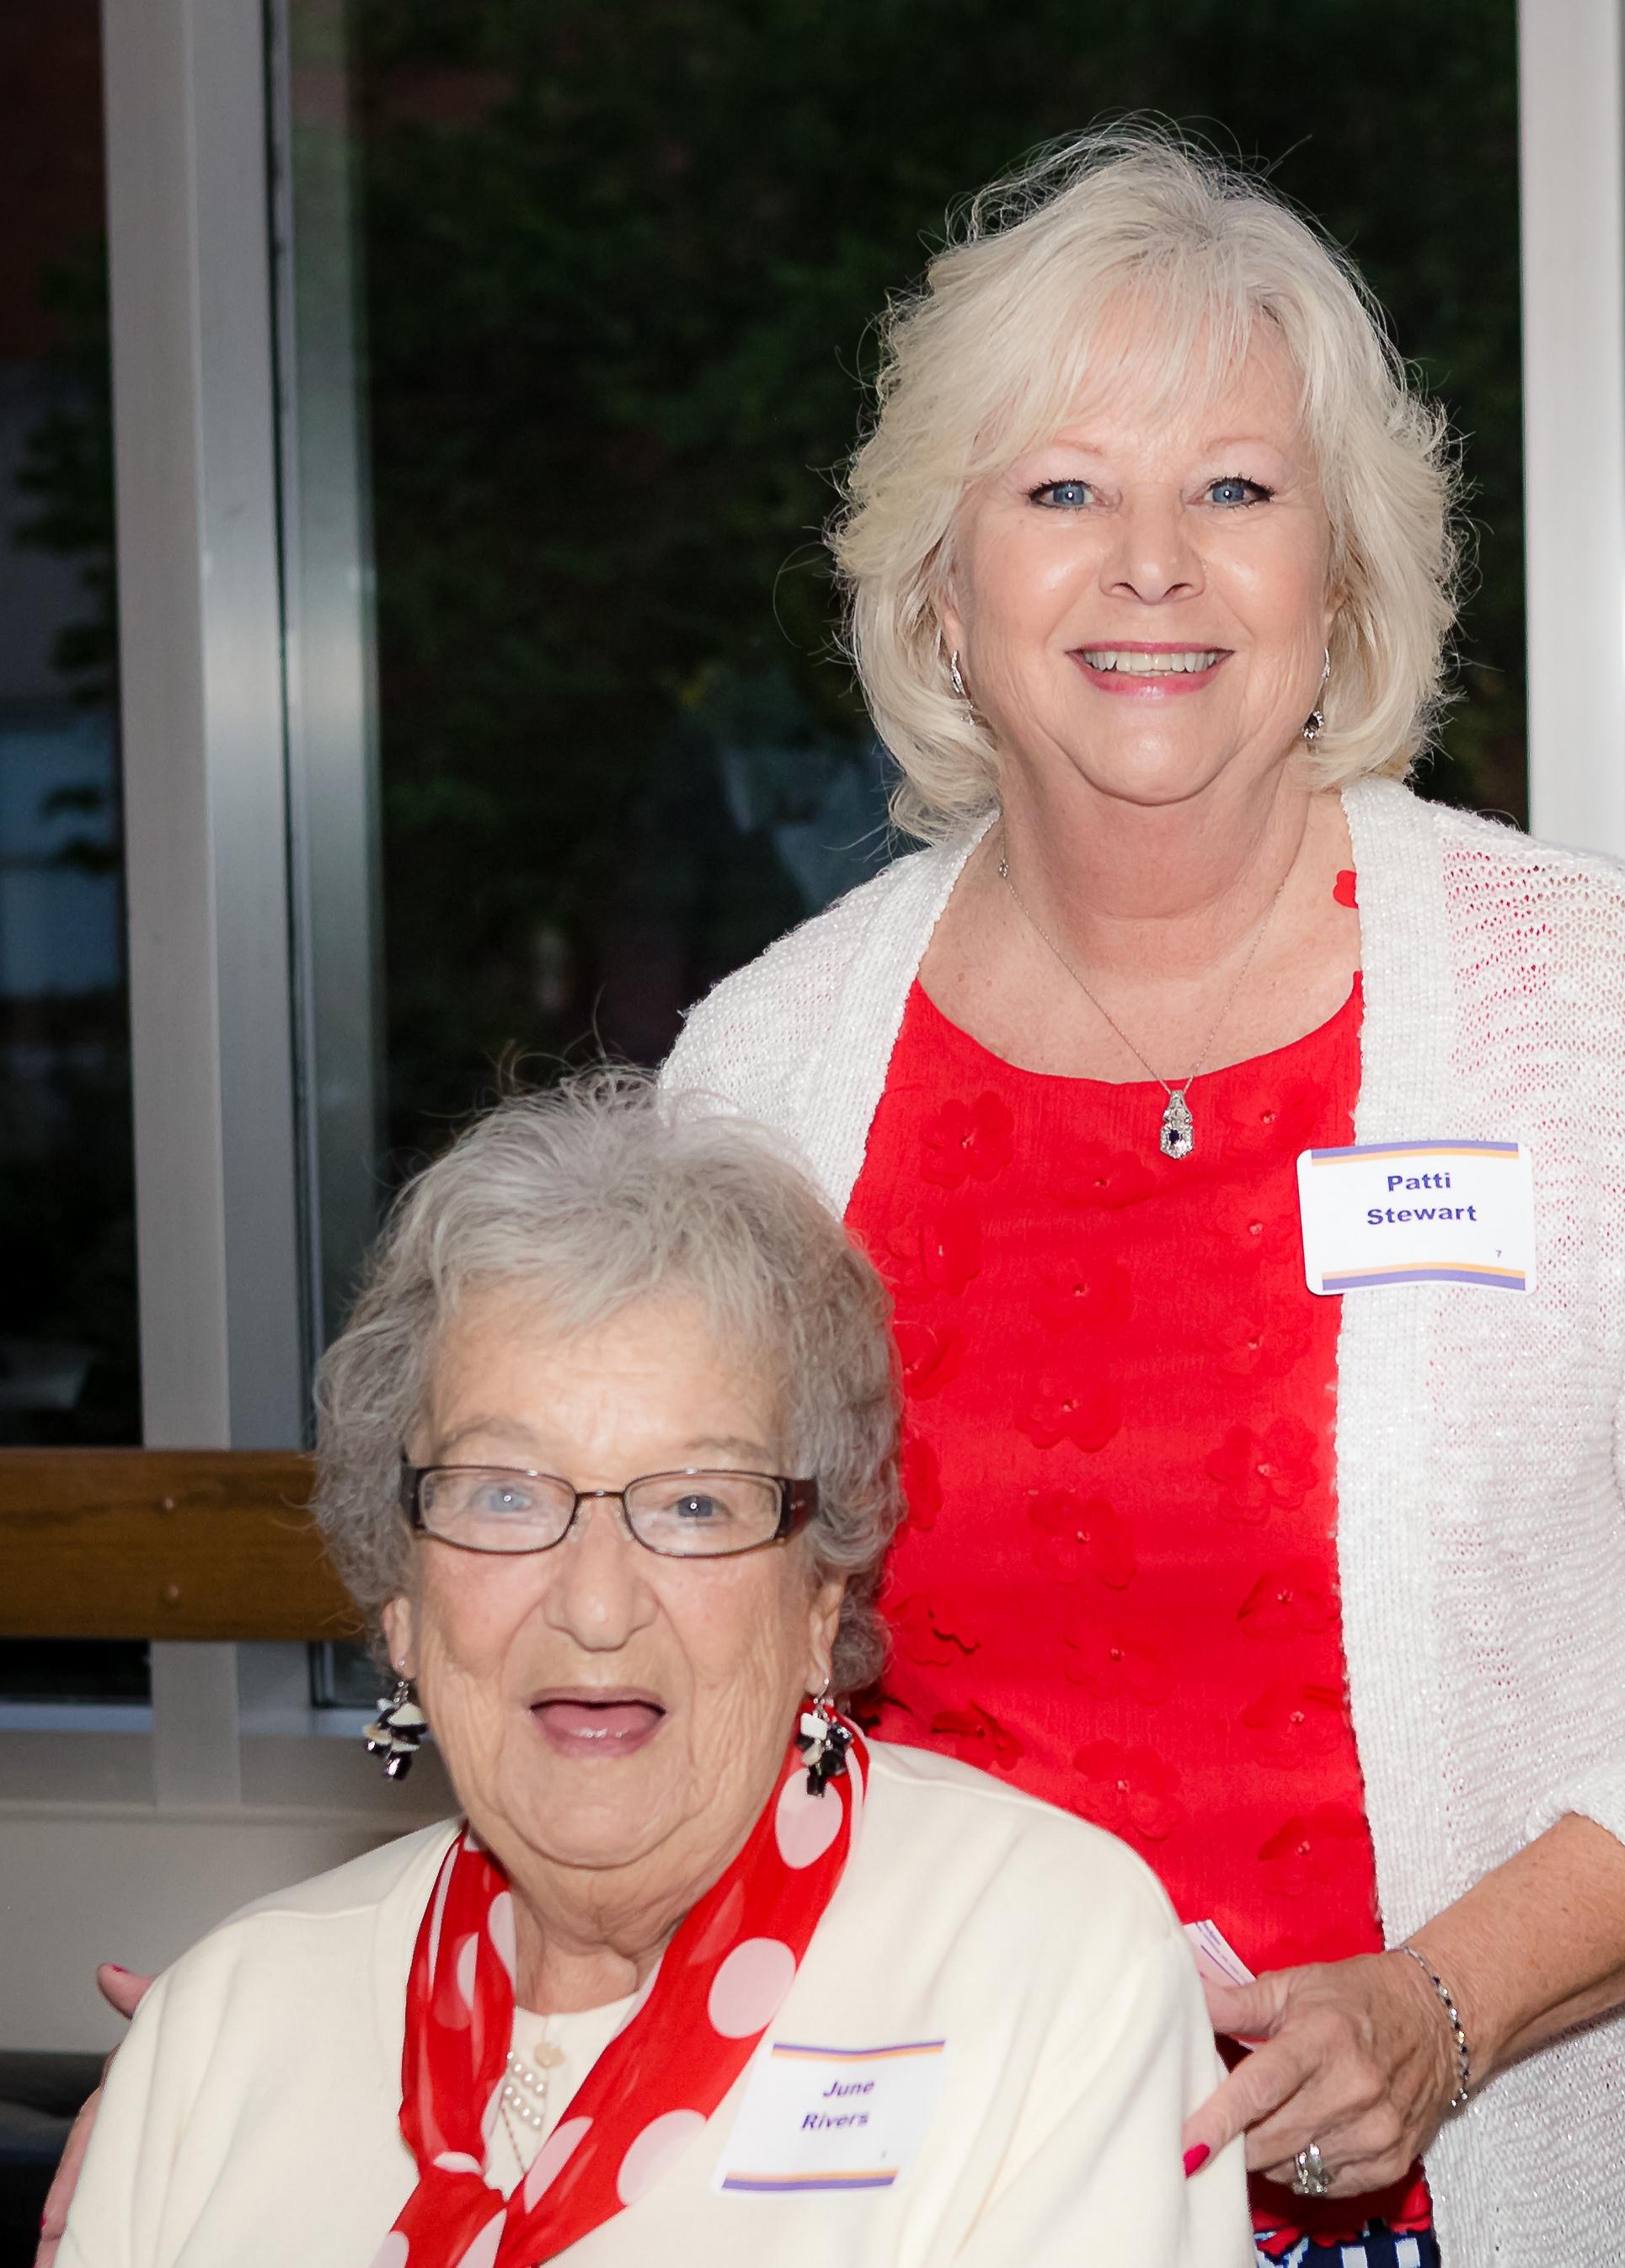 Patti Stewart with her mom